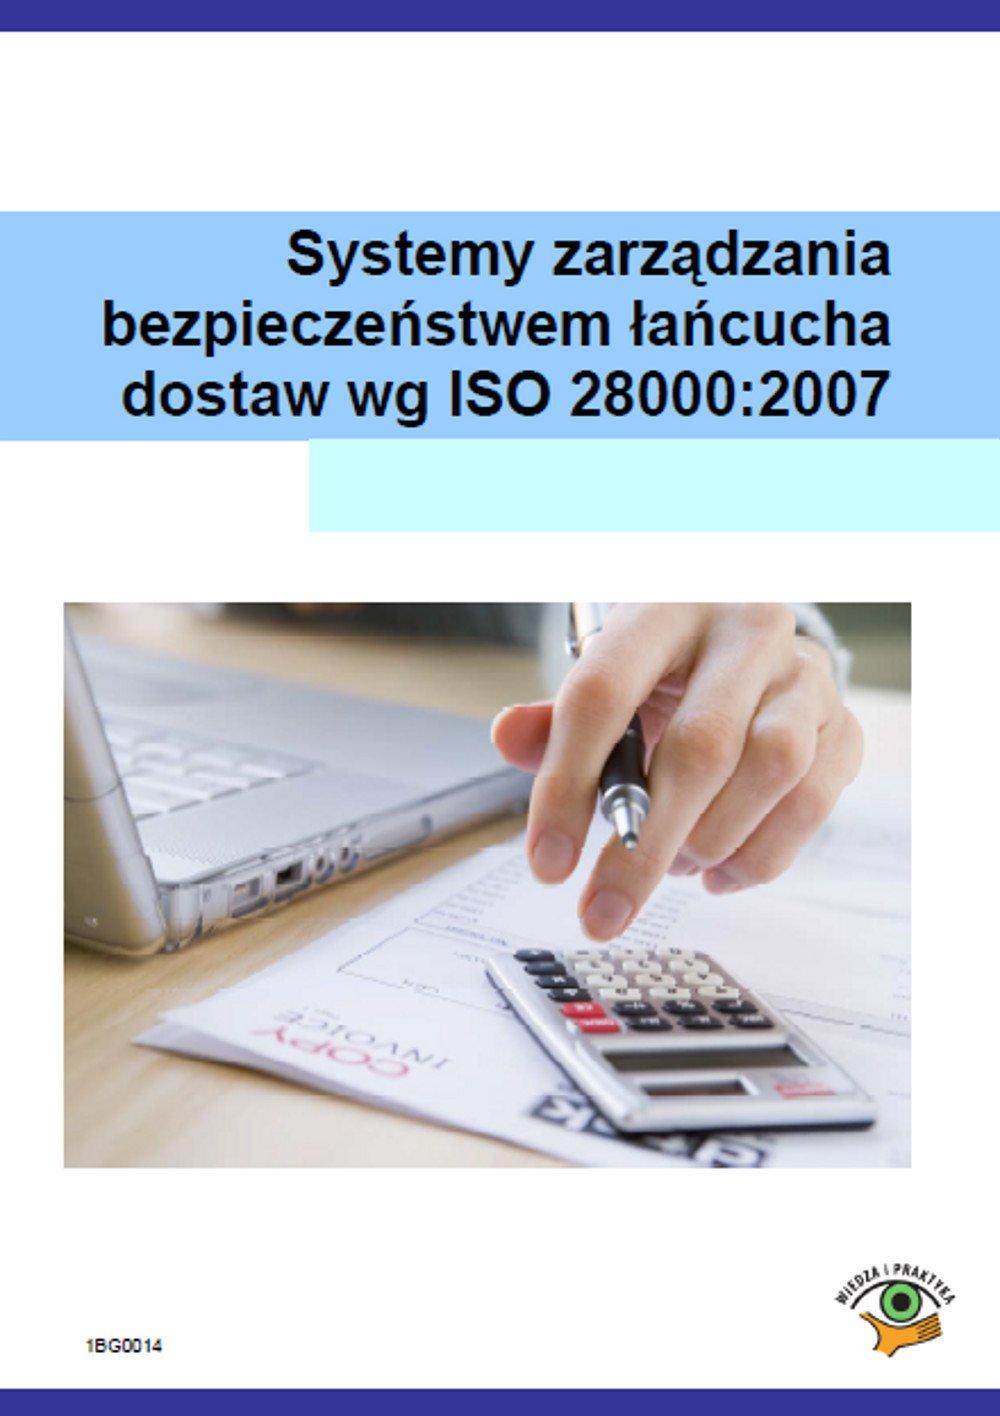 Systemy zarządzania bezpieczeństwem łańcucha dostaw wg ISO 28000:2007 - Ebook (Książka PDF) do pobrania w formacie PDF